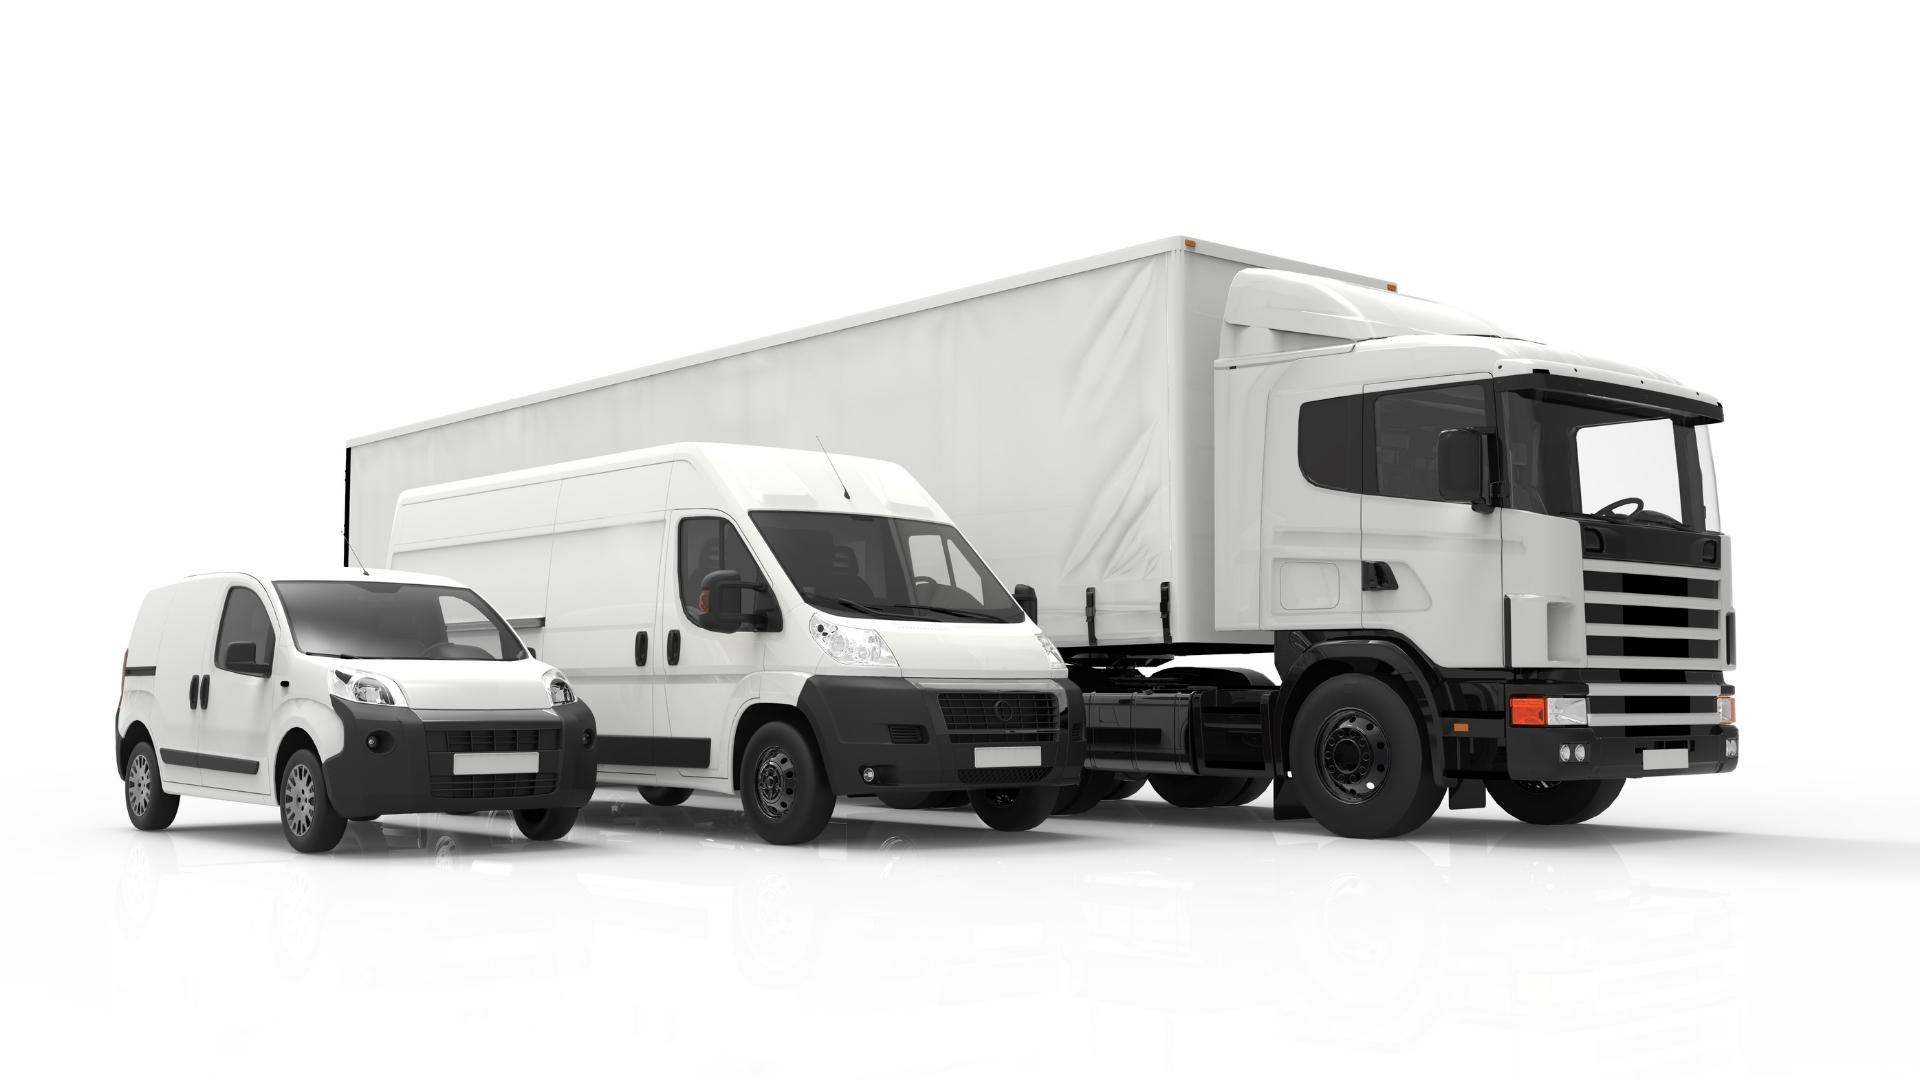 Leilão BC2: caminhões, carros e muito mais a preços baixos na Superbid!